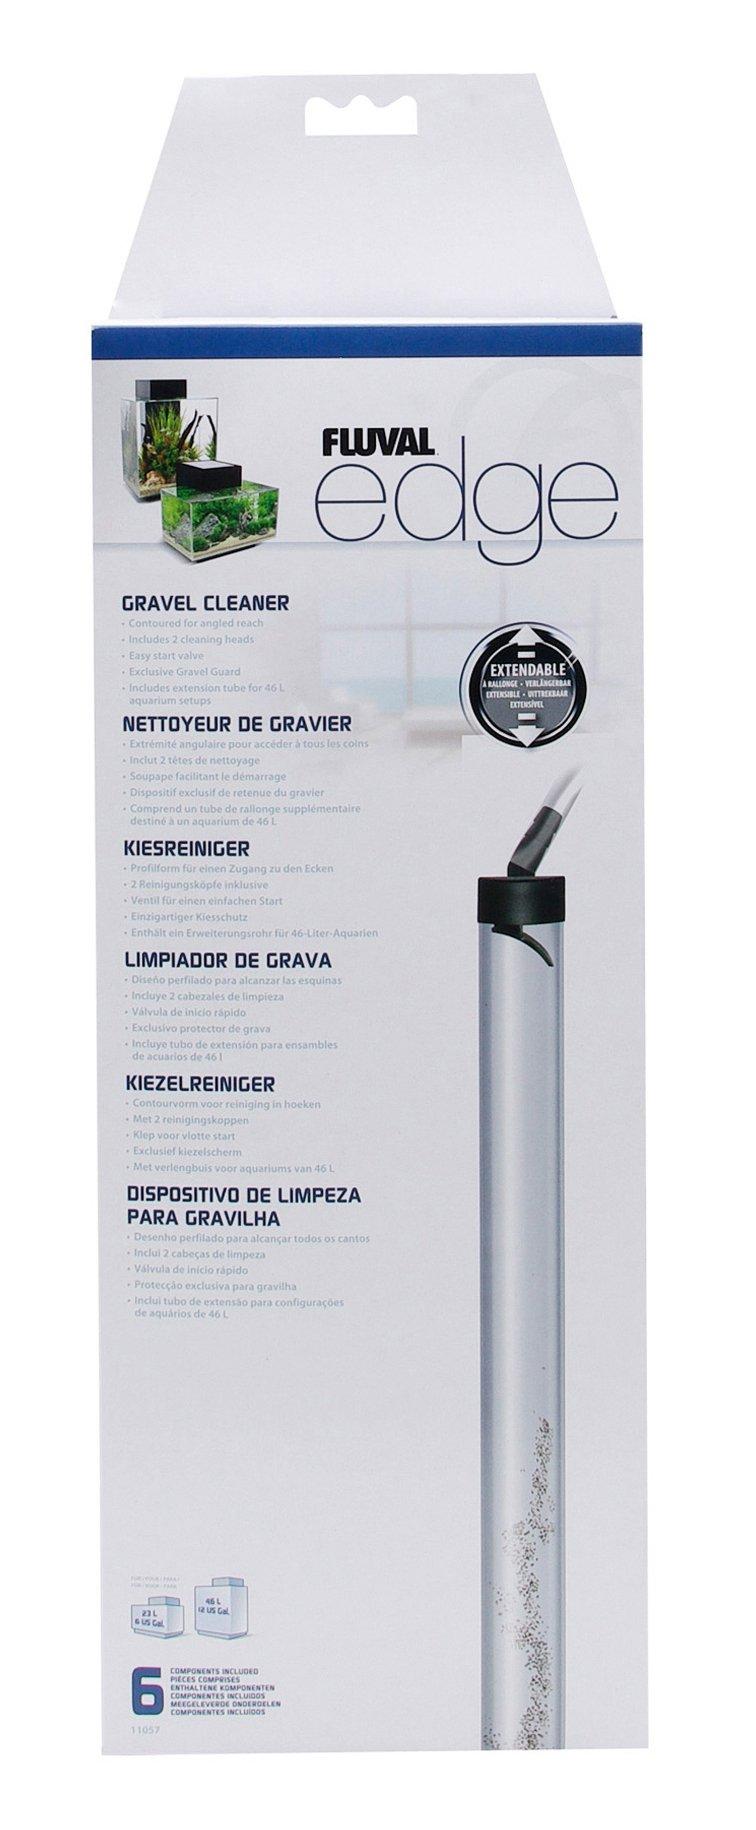 Fluval 11057 Edge II Gravel Cleaner by Fluval